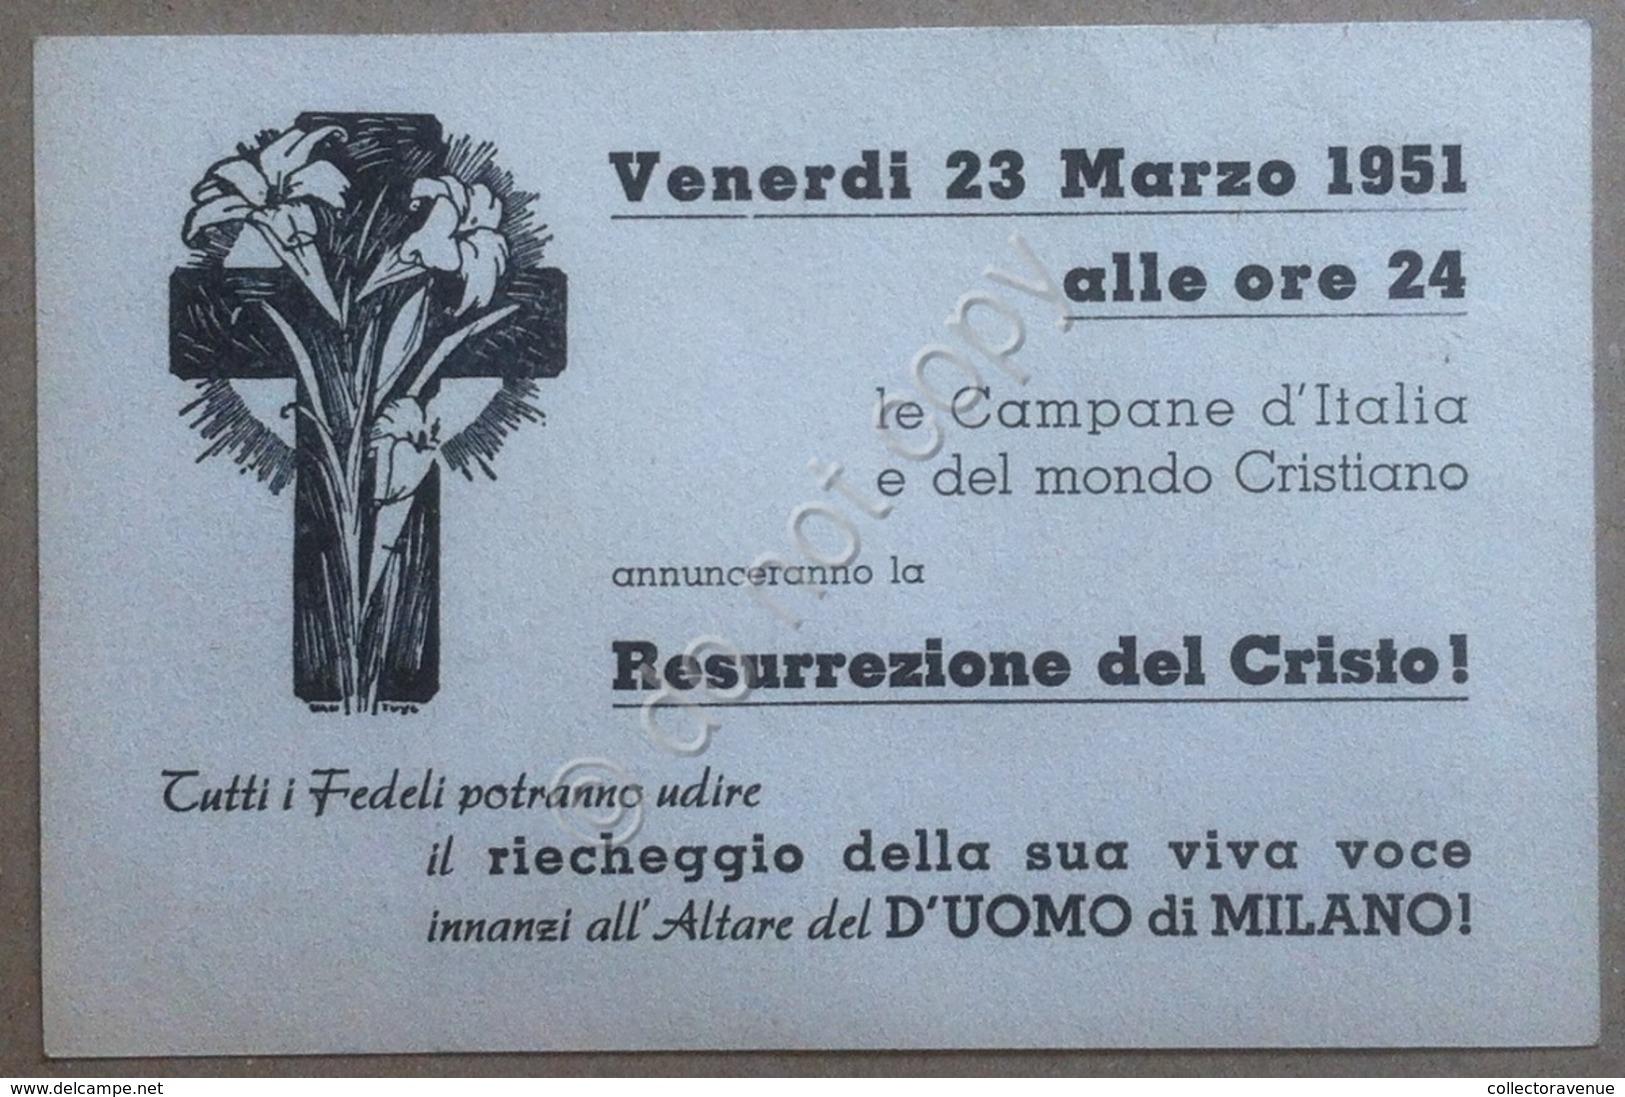 Volantino Universale Ecclesia Di Cristo - Milano 1951 - Vecchi Documenti